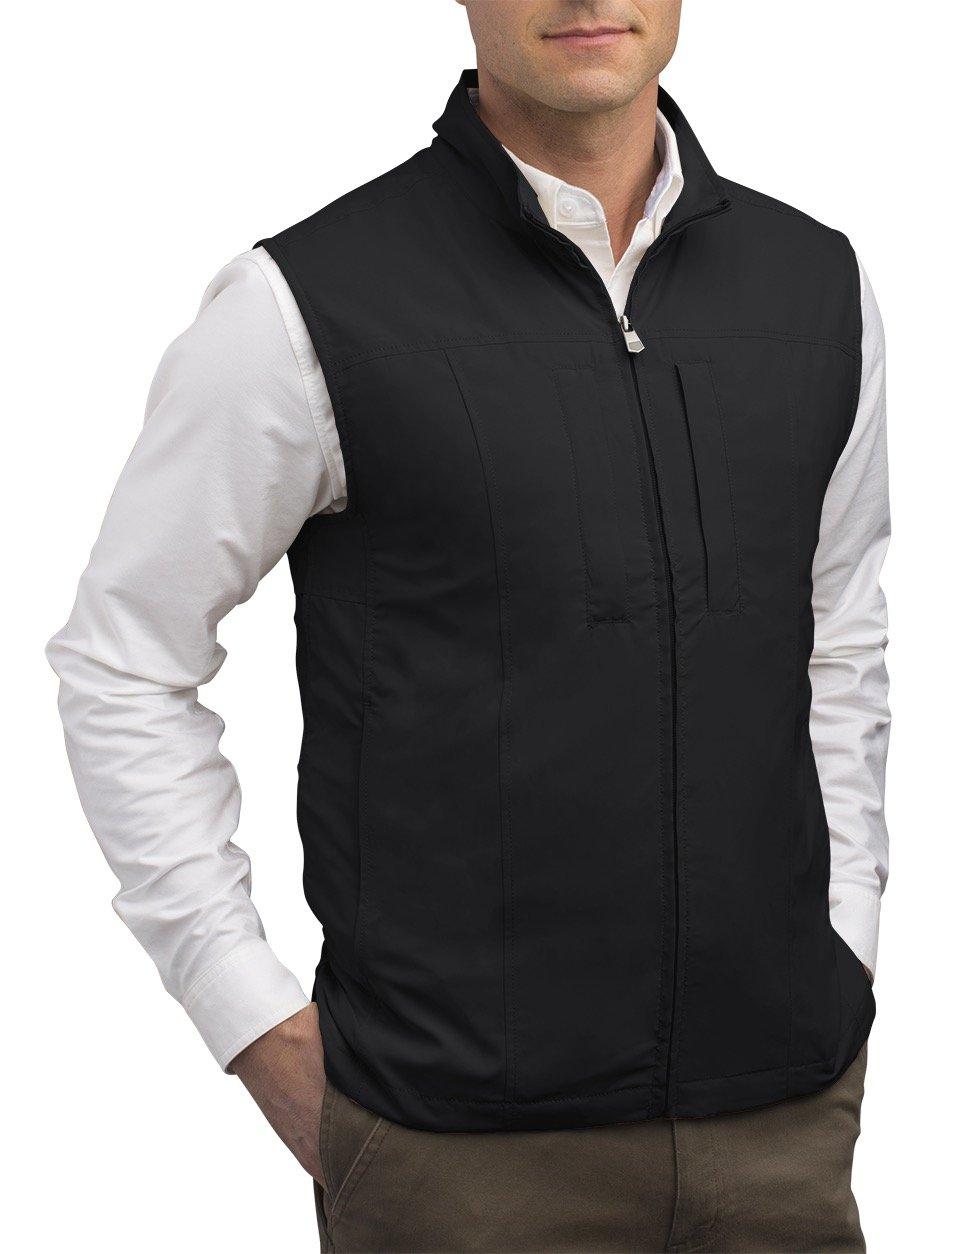 SCOTTeVEST RFID Travel Vests for Men with Pockets - Rugged Travel Clothing (BLK XLT)